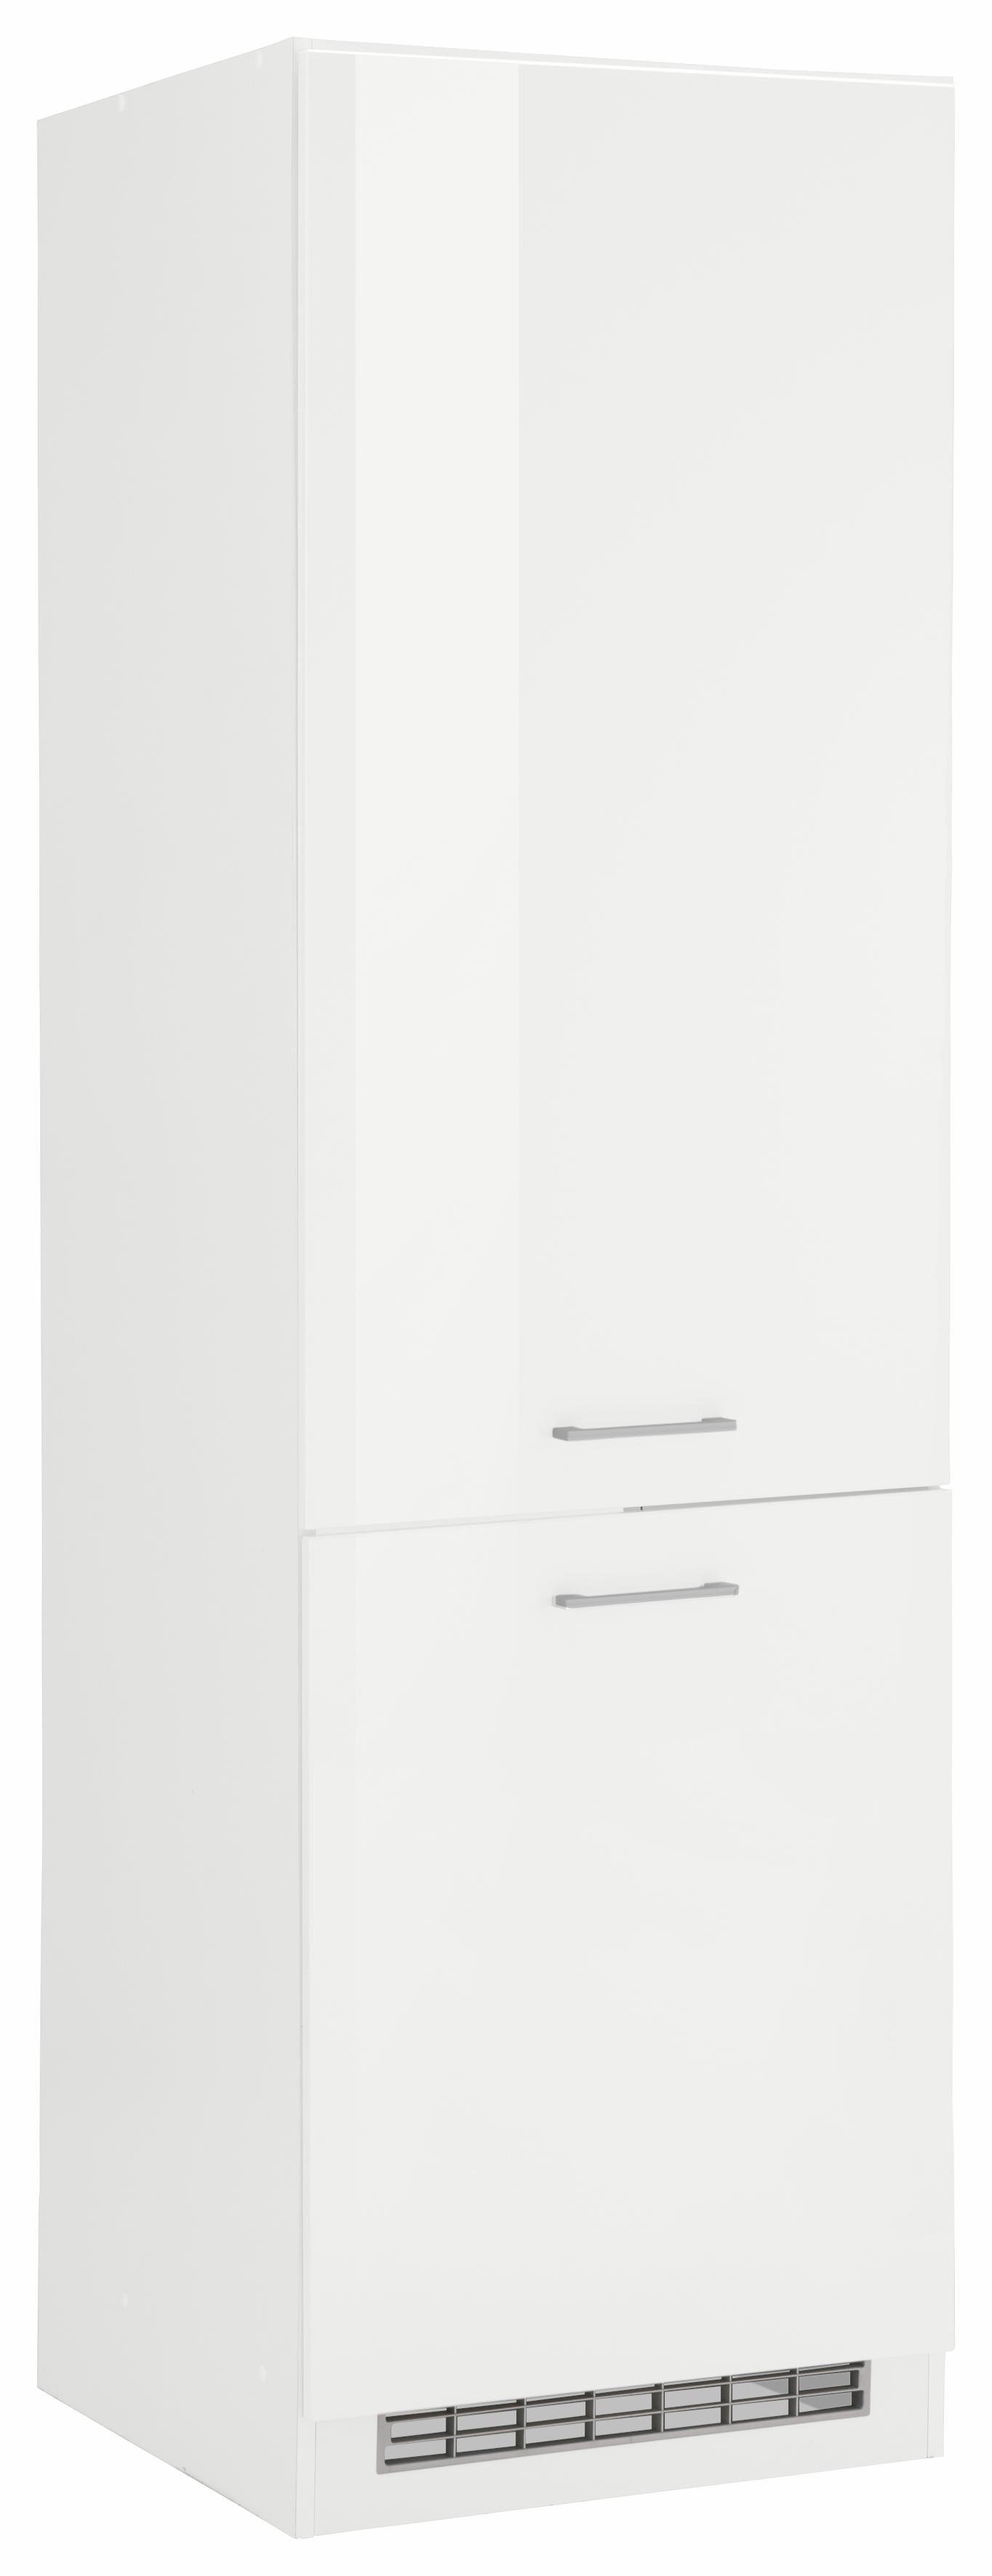 HELD MÖBEL Kühlumbauschrank Utah | Küche und Esszimmer > Küchenschränke > Umbauschränke | Weiß | Eiche | Held Möbel